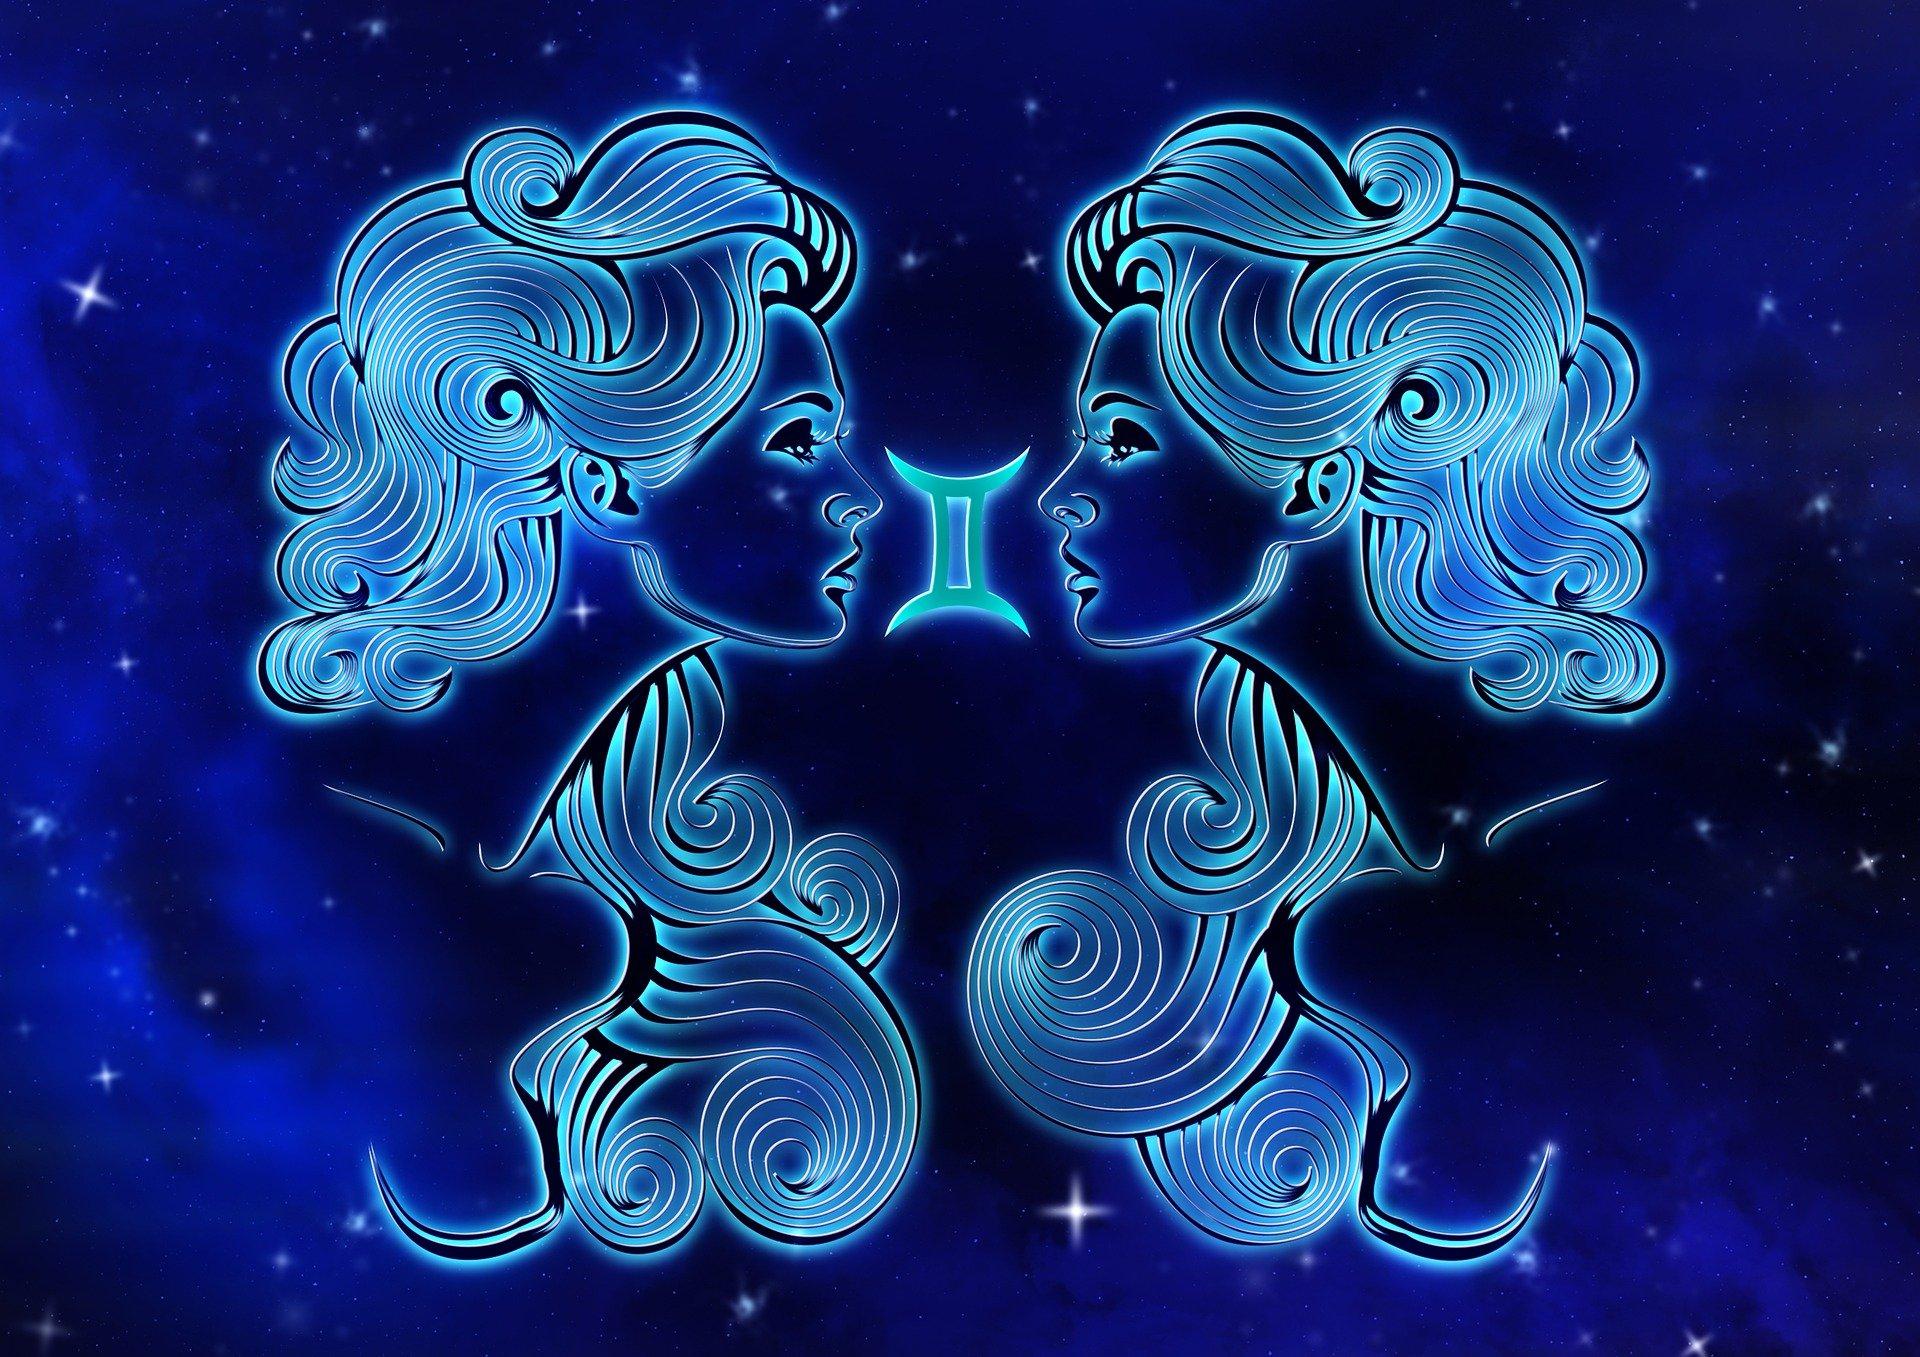 Horoskop na říjen 2021: Co vám přinese druhý podzimní měsíc?